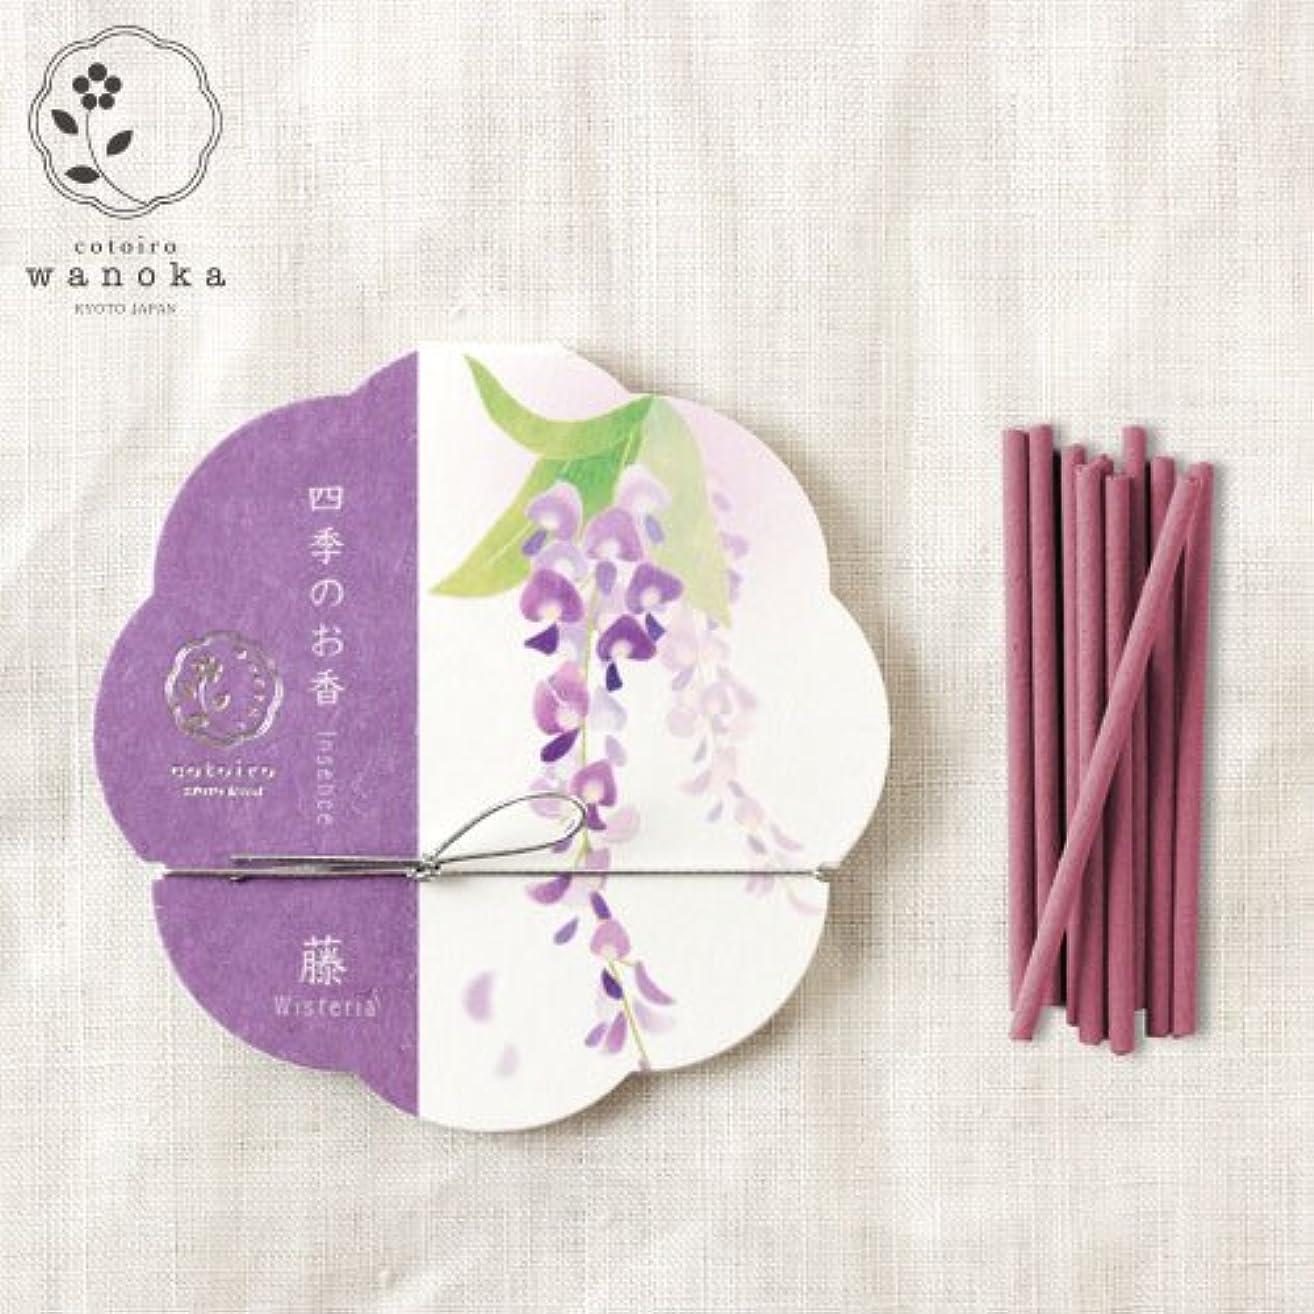 重要な役割を果たす、中心的な手段となる賞オアシスwanoka四季のお香(インセンス)藤《藤をイメージした華やかな香り》ART LABIncense stick